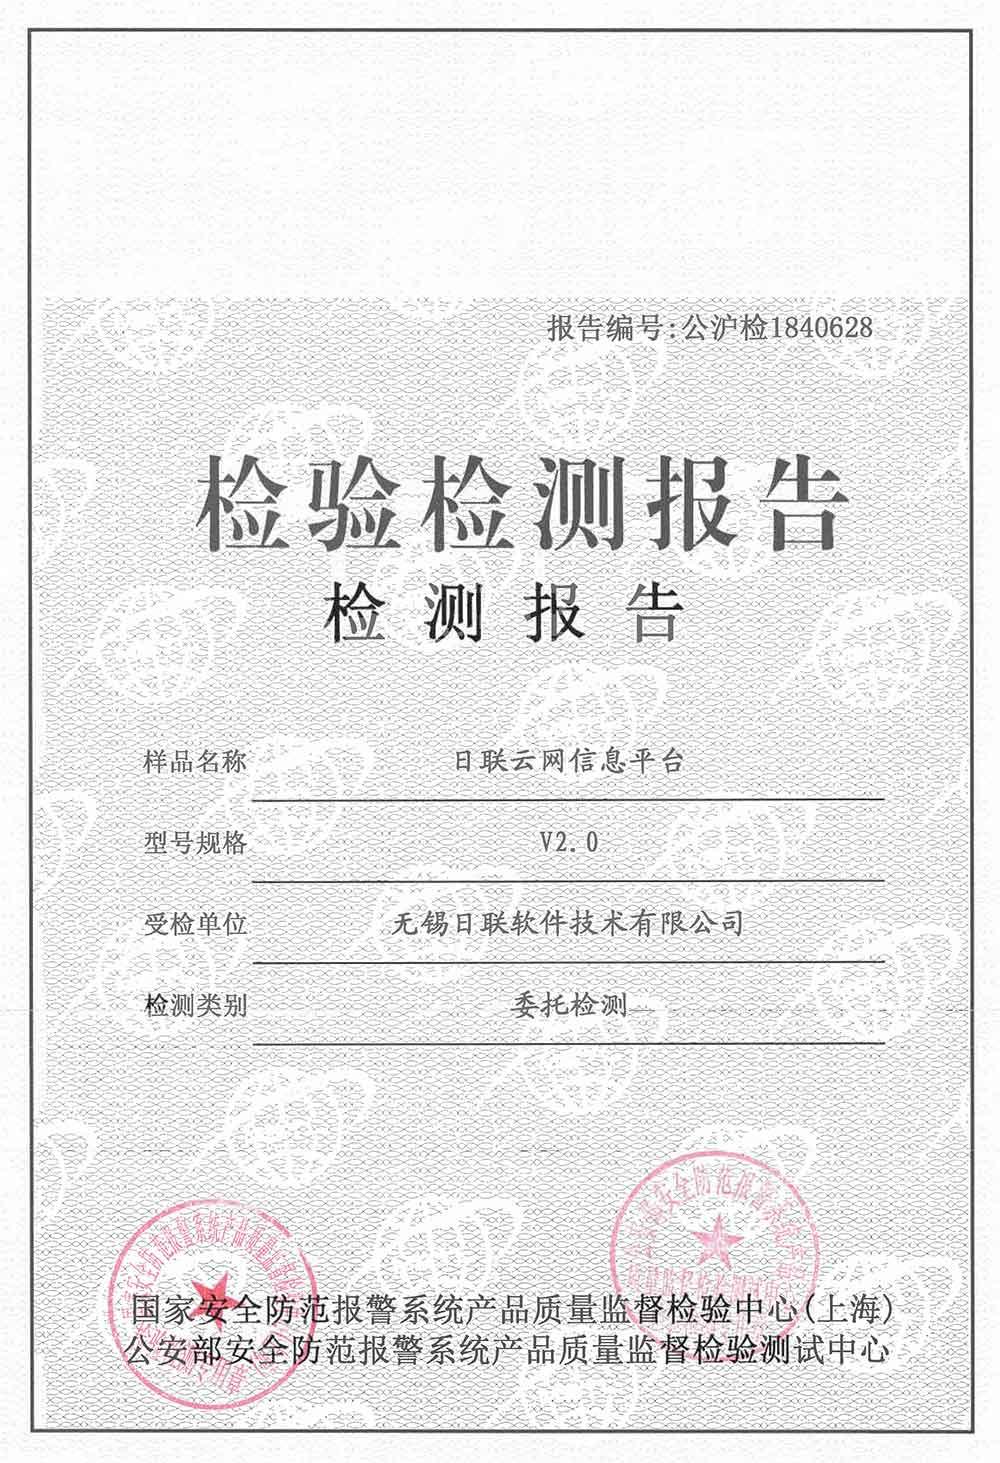 云平台公安部检测报告